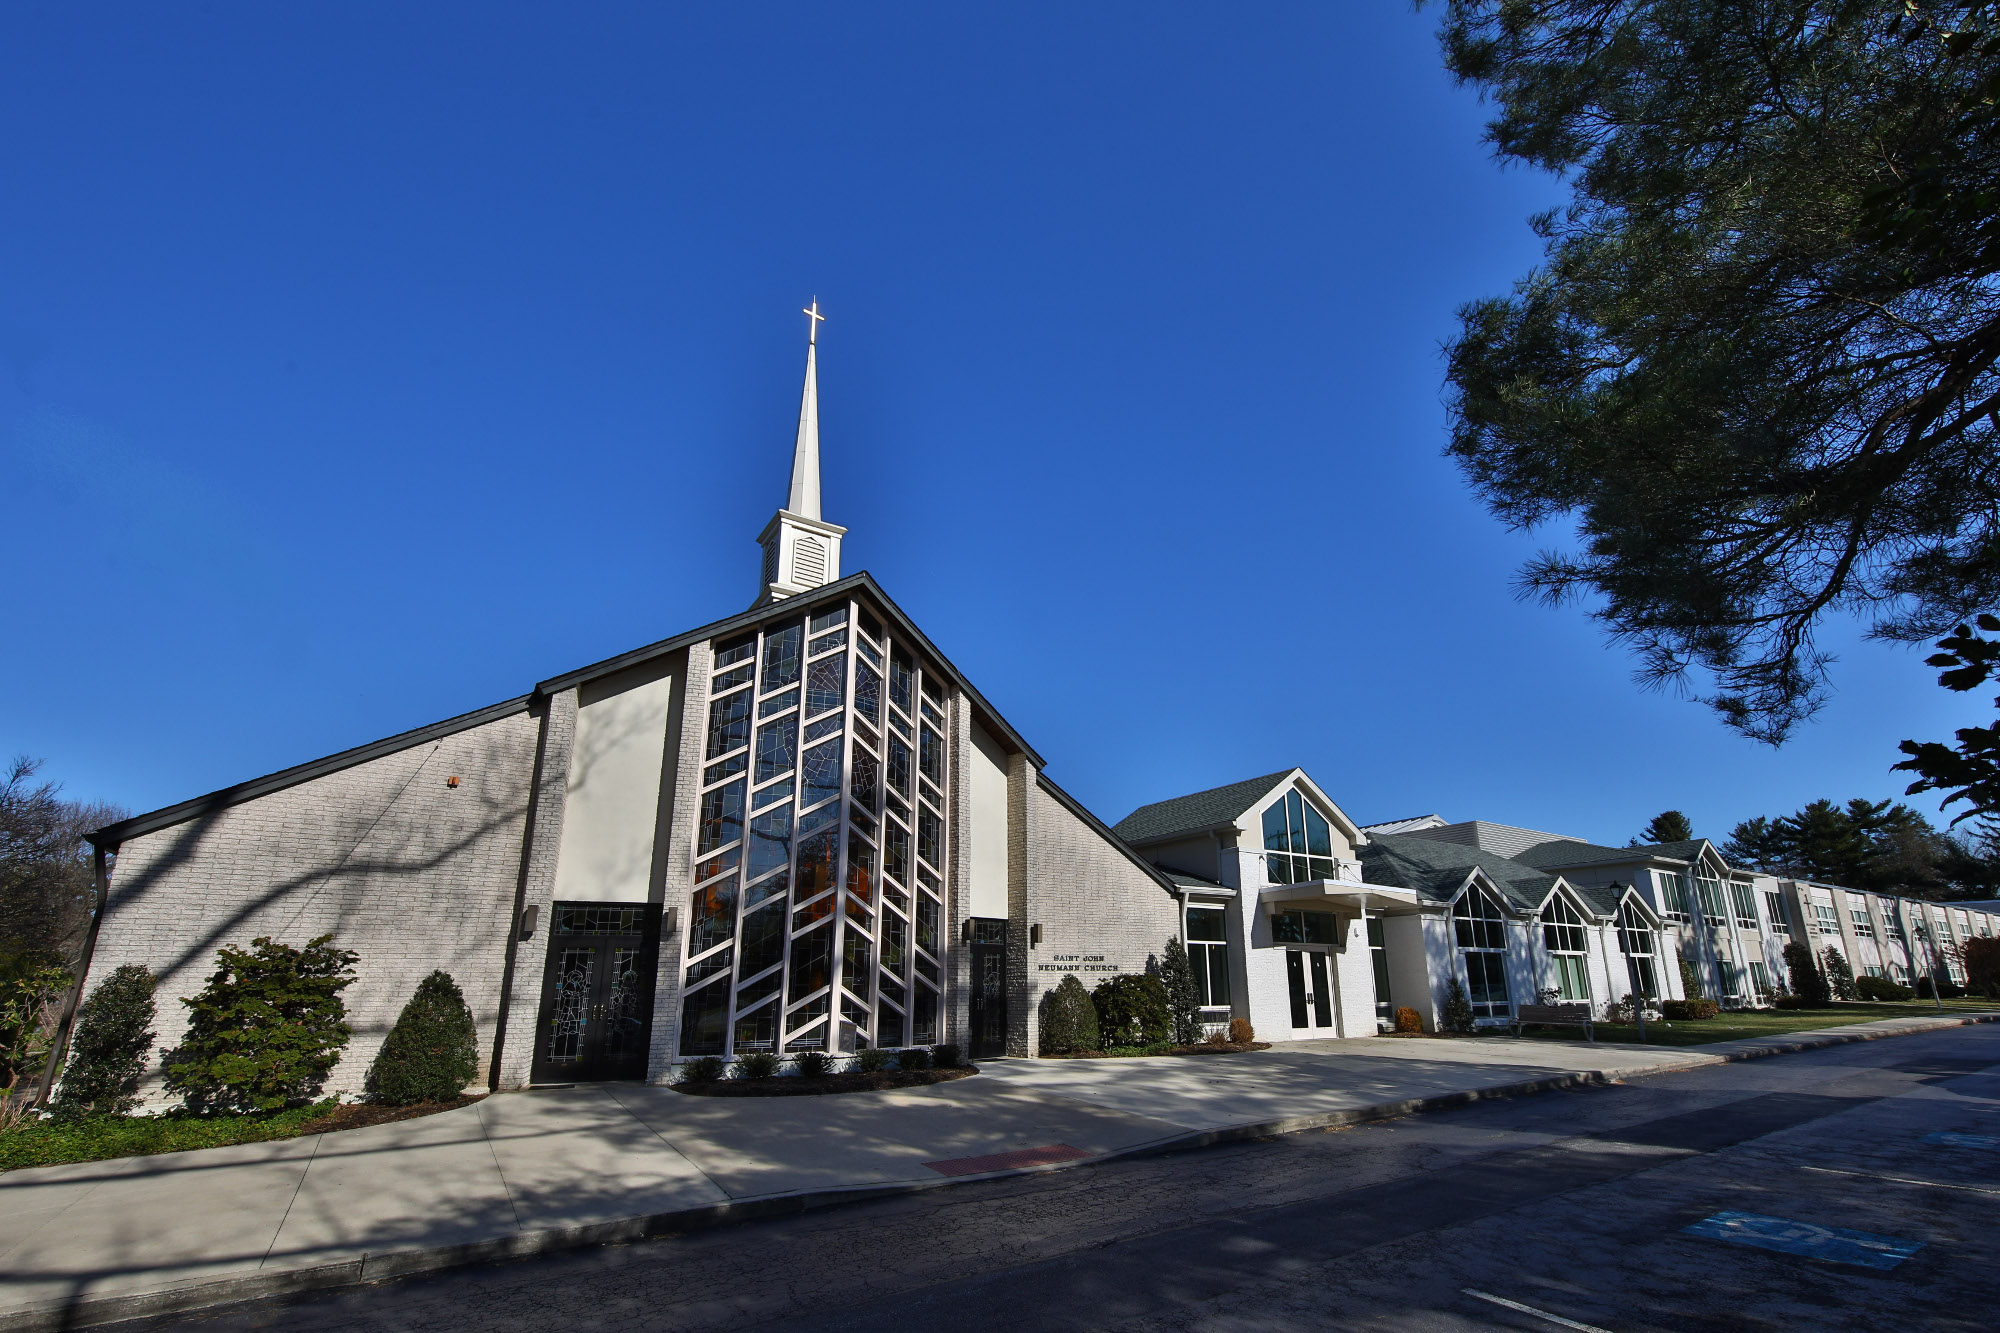 St. John Neumann Church in Bryn Mawr, PA